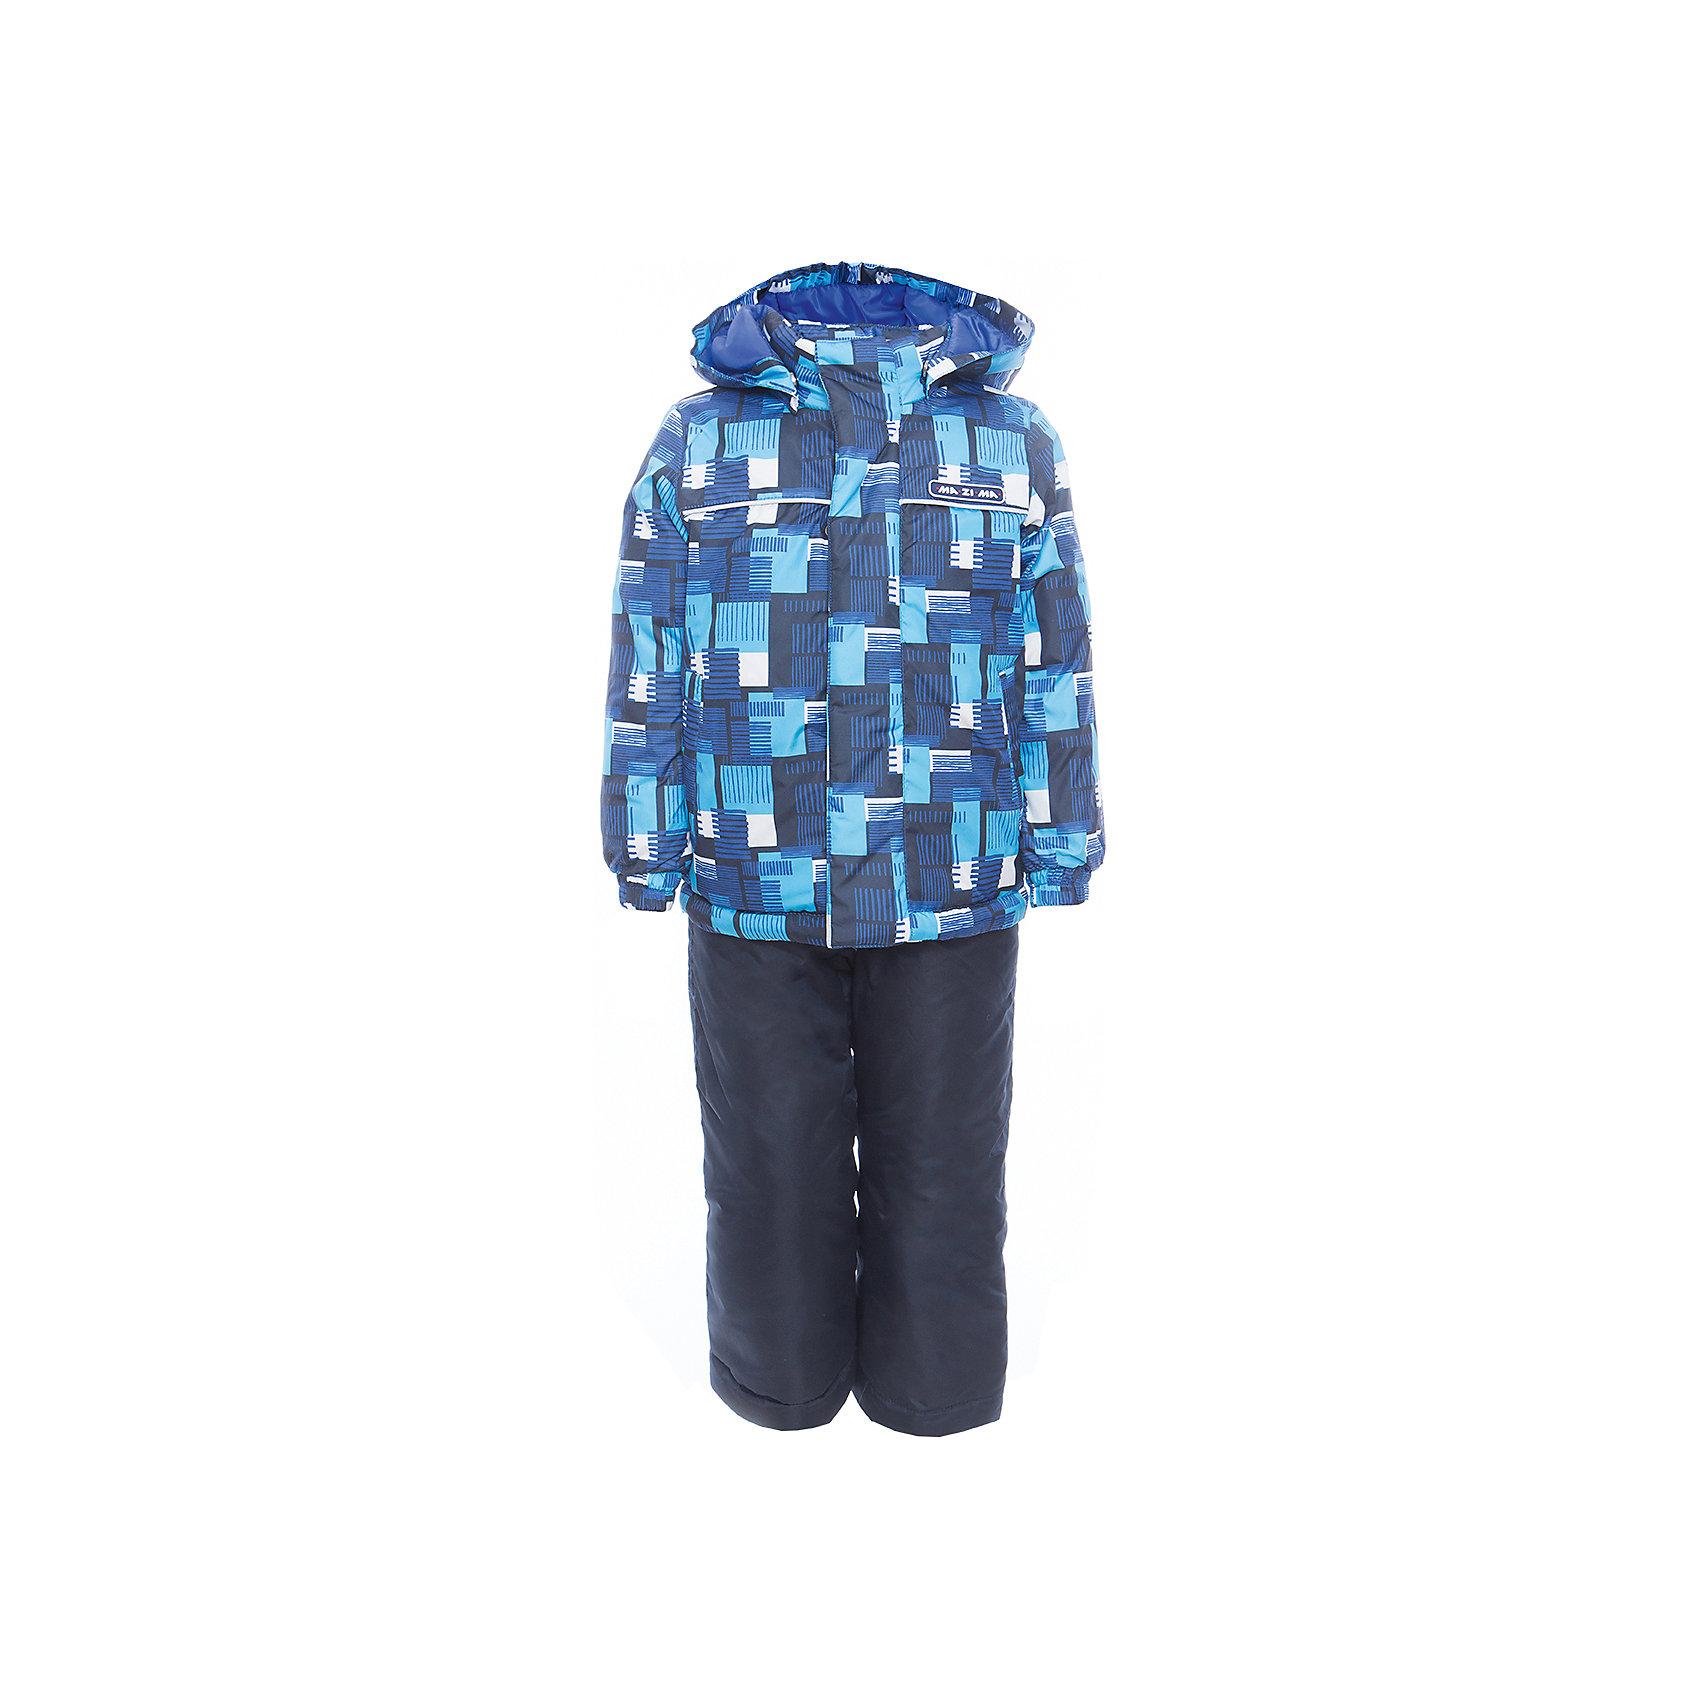 Комплект: куртка и полукомбинезон для мальчика Ma-Zi-MaВерхняя одежда<br>Характеристики товара:<br><br>• цвет: синий<br>• состав: верх - 100% полиэстер с водоотталкивающей пропиткой 3000г/м2/24H<br>•подкладка - тафетта, трикотаж с ворсом на воротнике и в капюшоне, •утеплитель - полиэстер, в куртке 120 г/м2,  в брюках 80 г/м2<br>• комплектация: куртка и полукомбинезон<br>• декорирован принтом<br>• температурный режим: от -5° С до +10° С<br>• водонепроницаемый материал<br>• съемный капюшон<br>• брюки с резинкой на талии<br>•манжеты с эластичной резинкой<br>•ветрозащитная планк<br>• комфортная посадка<br>• светоотражающие элементы<br>• молния<br>• демисезонный<br>• страна бренда: Россия<br><br>Одежда от российского бренда Ma-Zi-Ma, разработанная совместно с канадскими специалистами. , пользуется популярностью у покупателей. Она стильная, качественные и удобная. Для производства продукции используются только безопасные, проверенные материалы и фурнитура. Порадуйте ребенка модными и красивыми вещами от Ma-Zi-Ma! <br><br>Комплект: куртка и полукомбинезон для мальчика от известного бренда Ma-Zi-Ma можно купить в нашем интернет-магазине.<br><br>Ширина мм: 356<br>Глубина мм: 10<br>Высота мм: 245<br>Вес г: 519<br>Цвет: синий<br>Возраст от месяцев: 132<br>Возраст до месяцев: 144<br>Пол: Мужской<br>Возраст: Детский<br>Размер: 152,92,98,104,110,116,122,128,134,140,146<br>SKU: 5383975